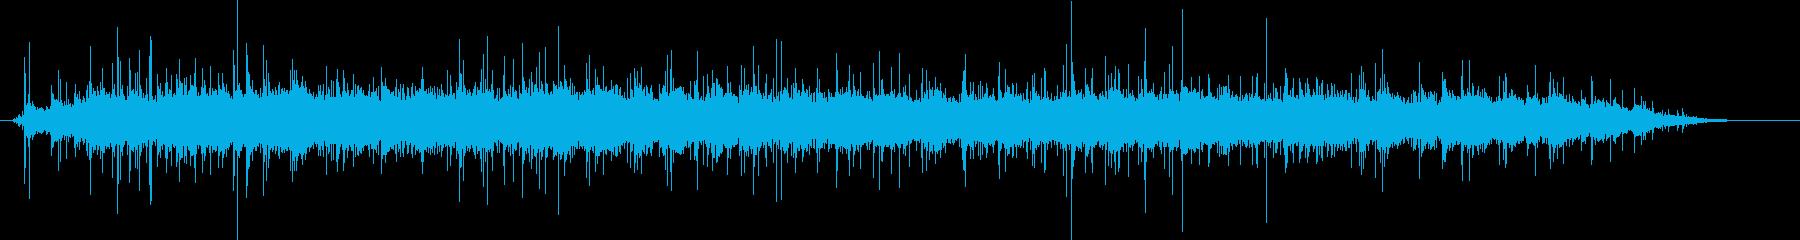 小屋内観客:クラシックコンサートホ...の再生済みの波形